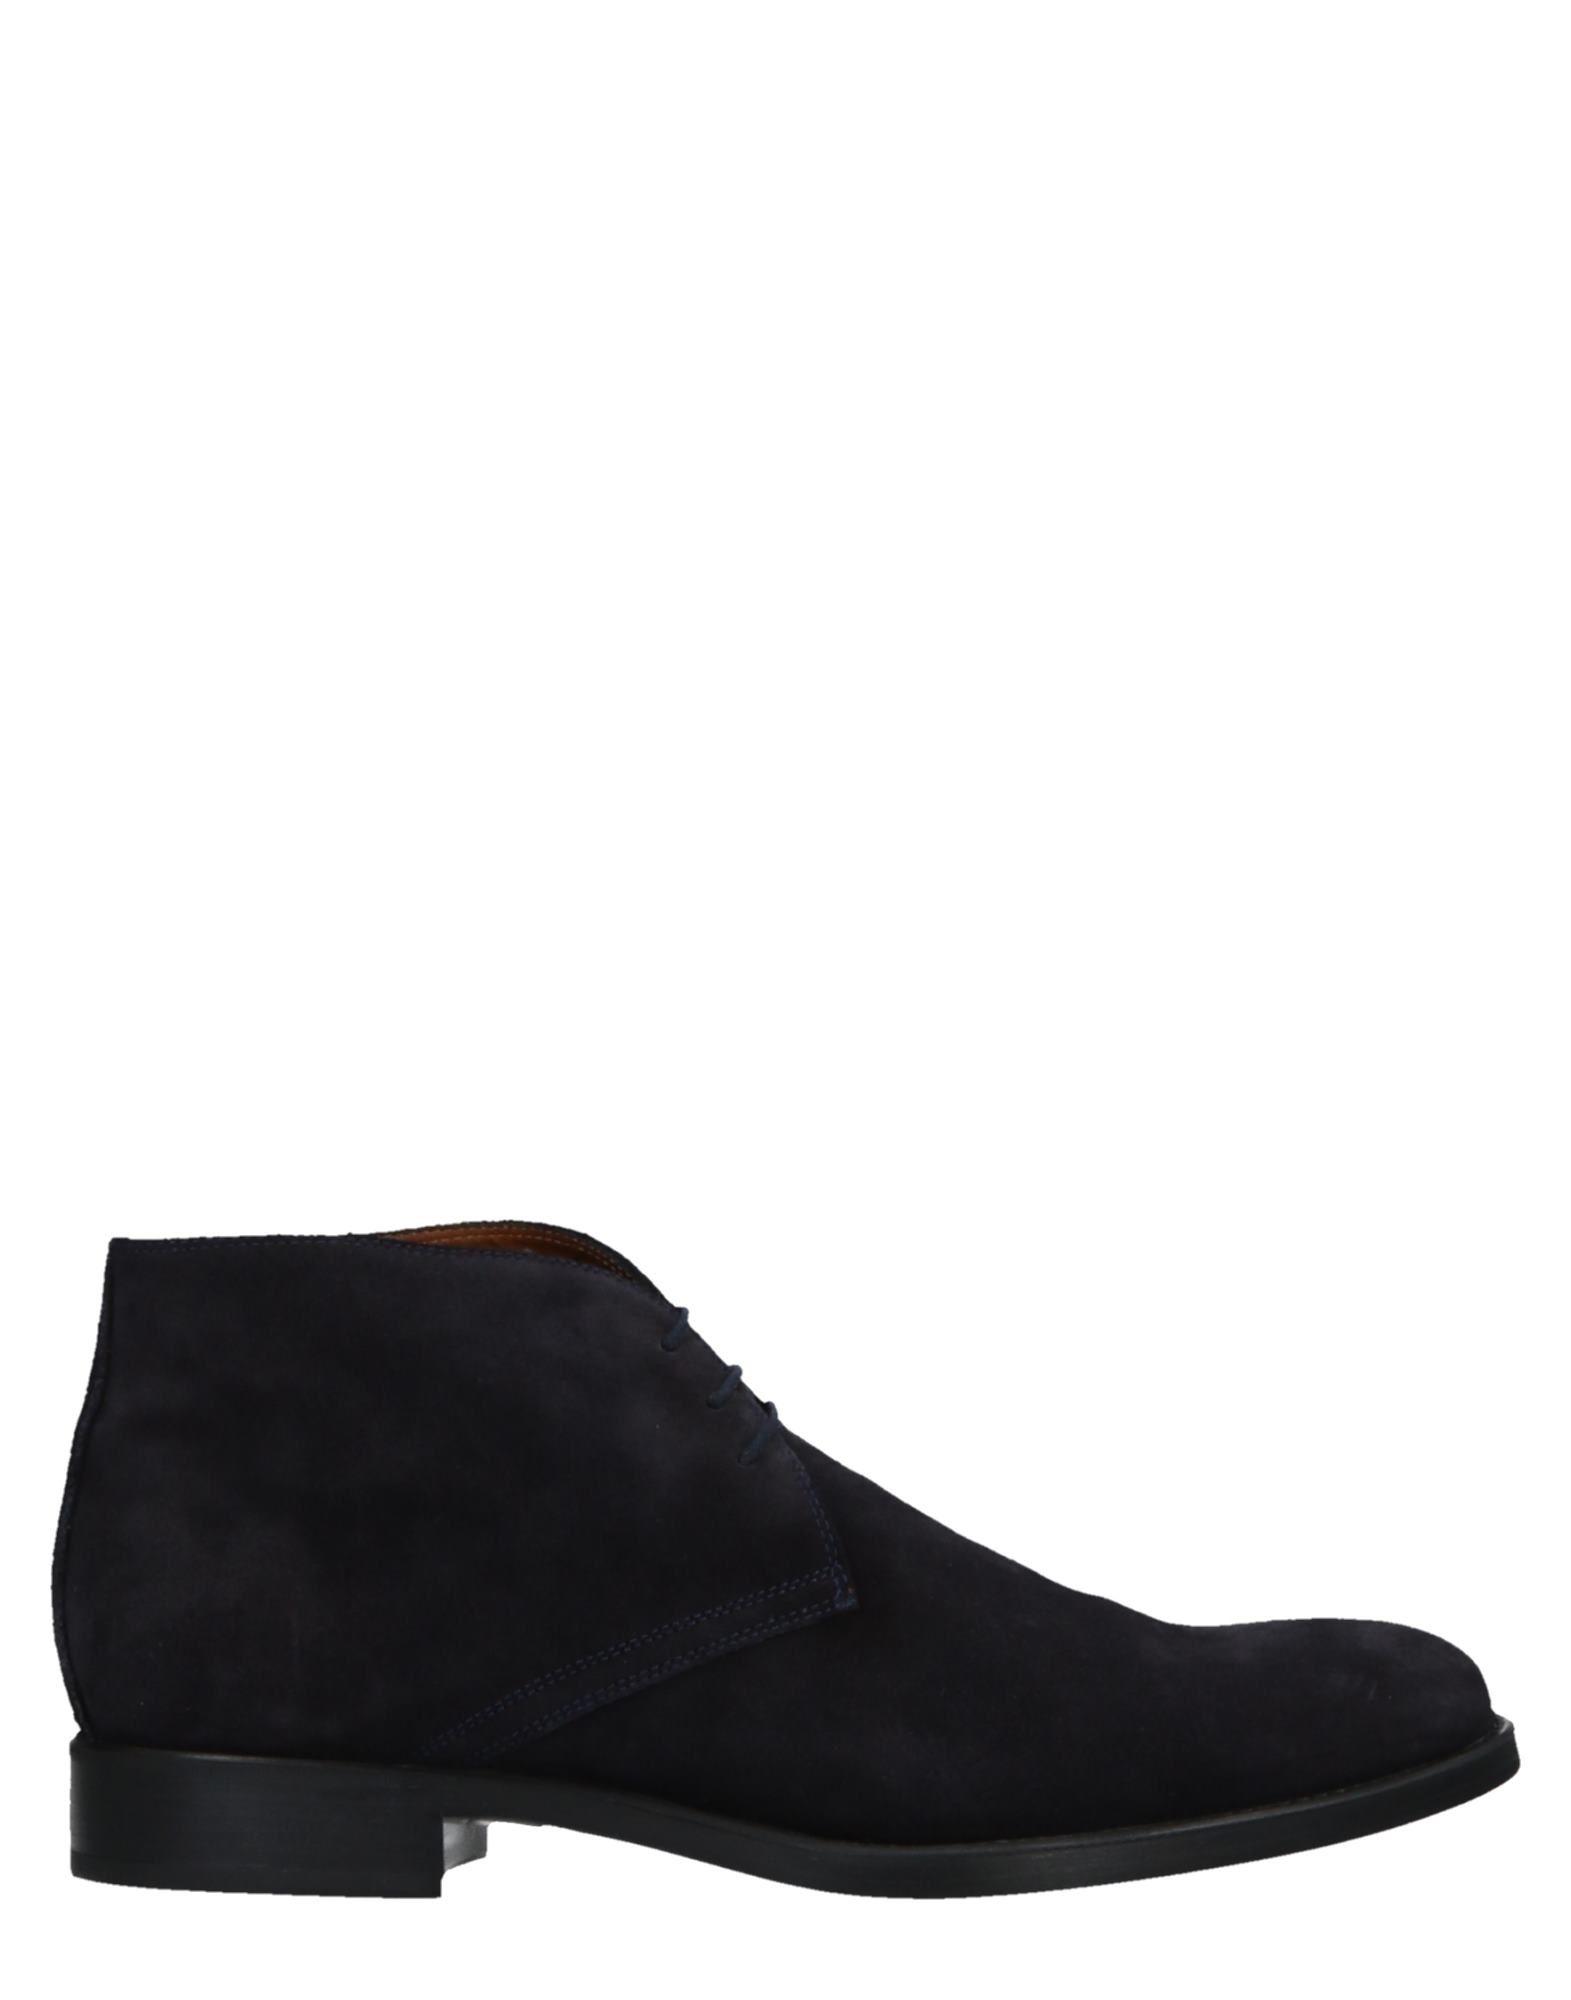 Wexford Stiefelette Herren  44999985OQ Gute Qualität beliebte Schuhe